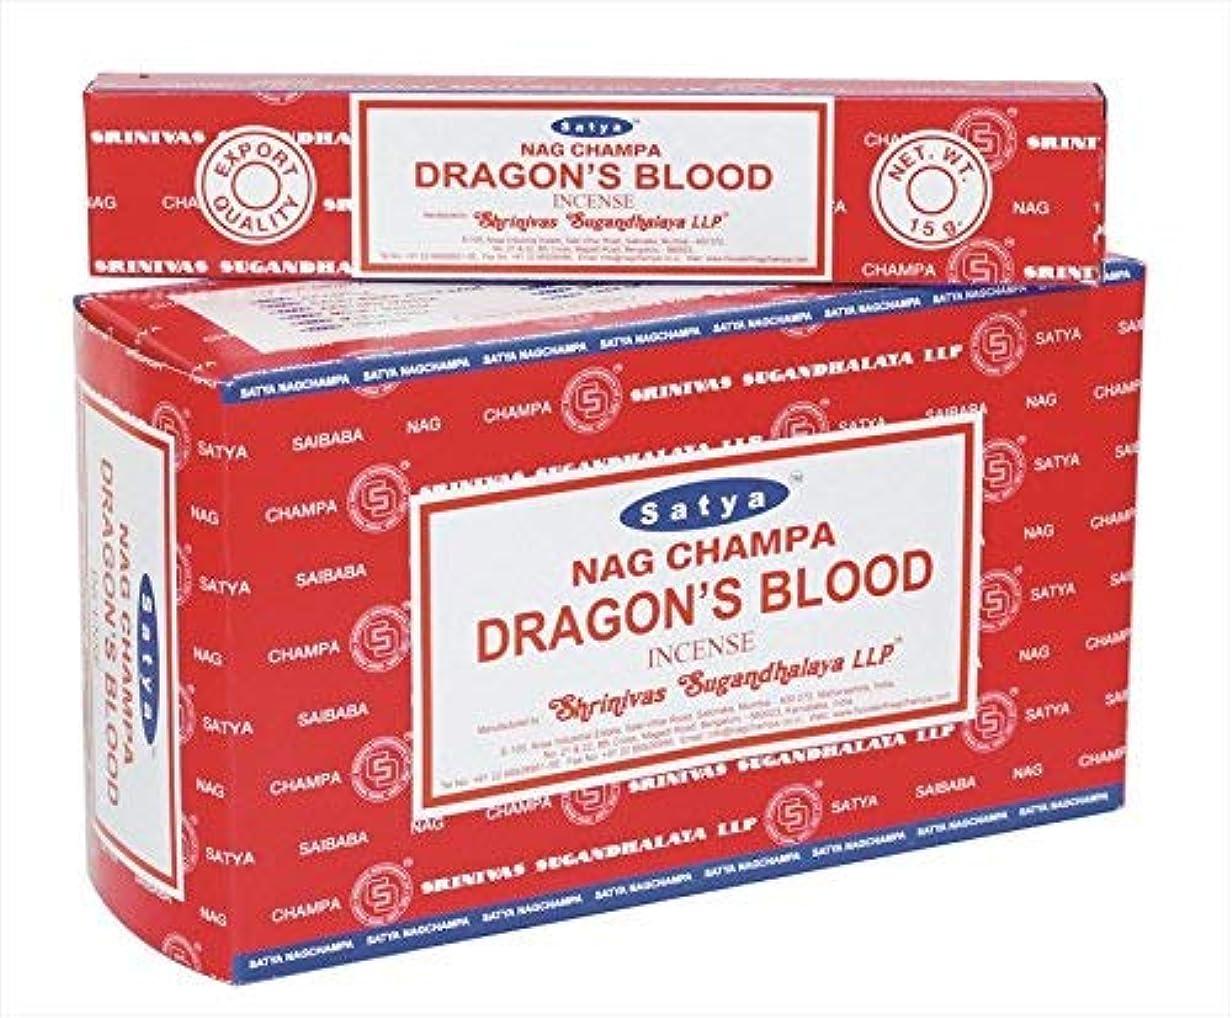 シリーズサポート振動させるSatya Sai Baba Nagchampa Dragon Blood incense sticks Fragrance Agarbatti – パックof 12ボックス( 15各) GM - 180 gm